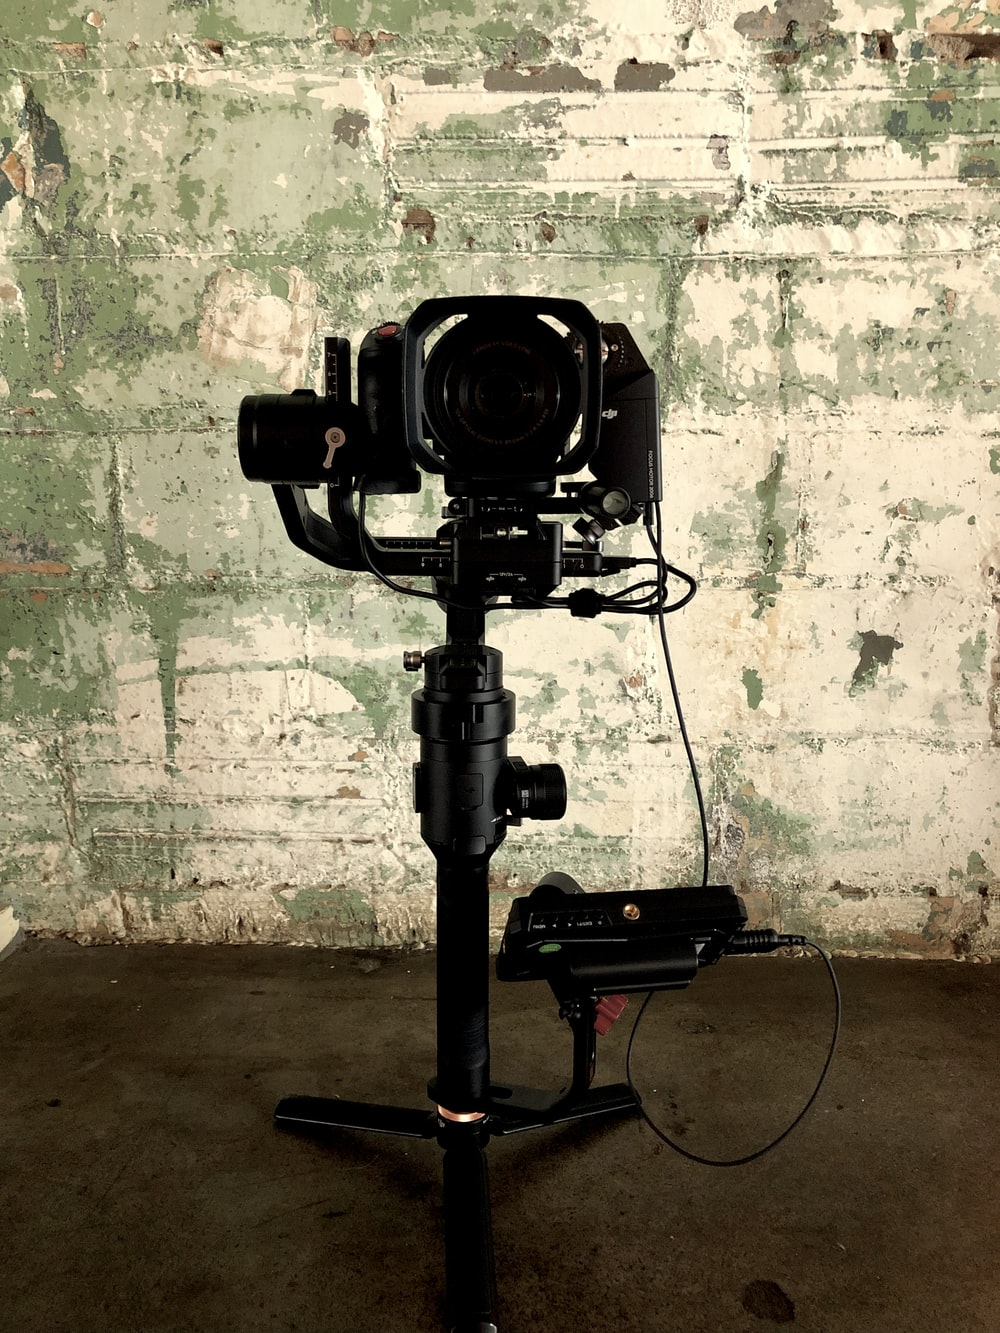 black camera with attachments